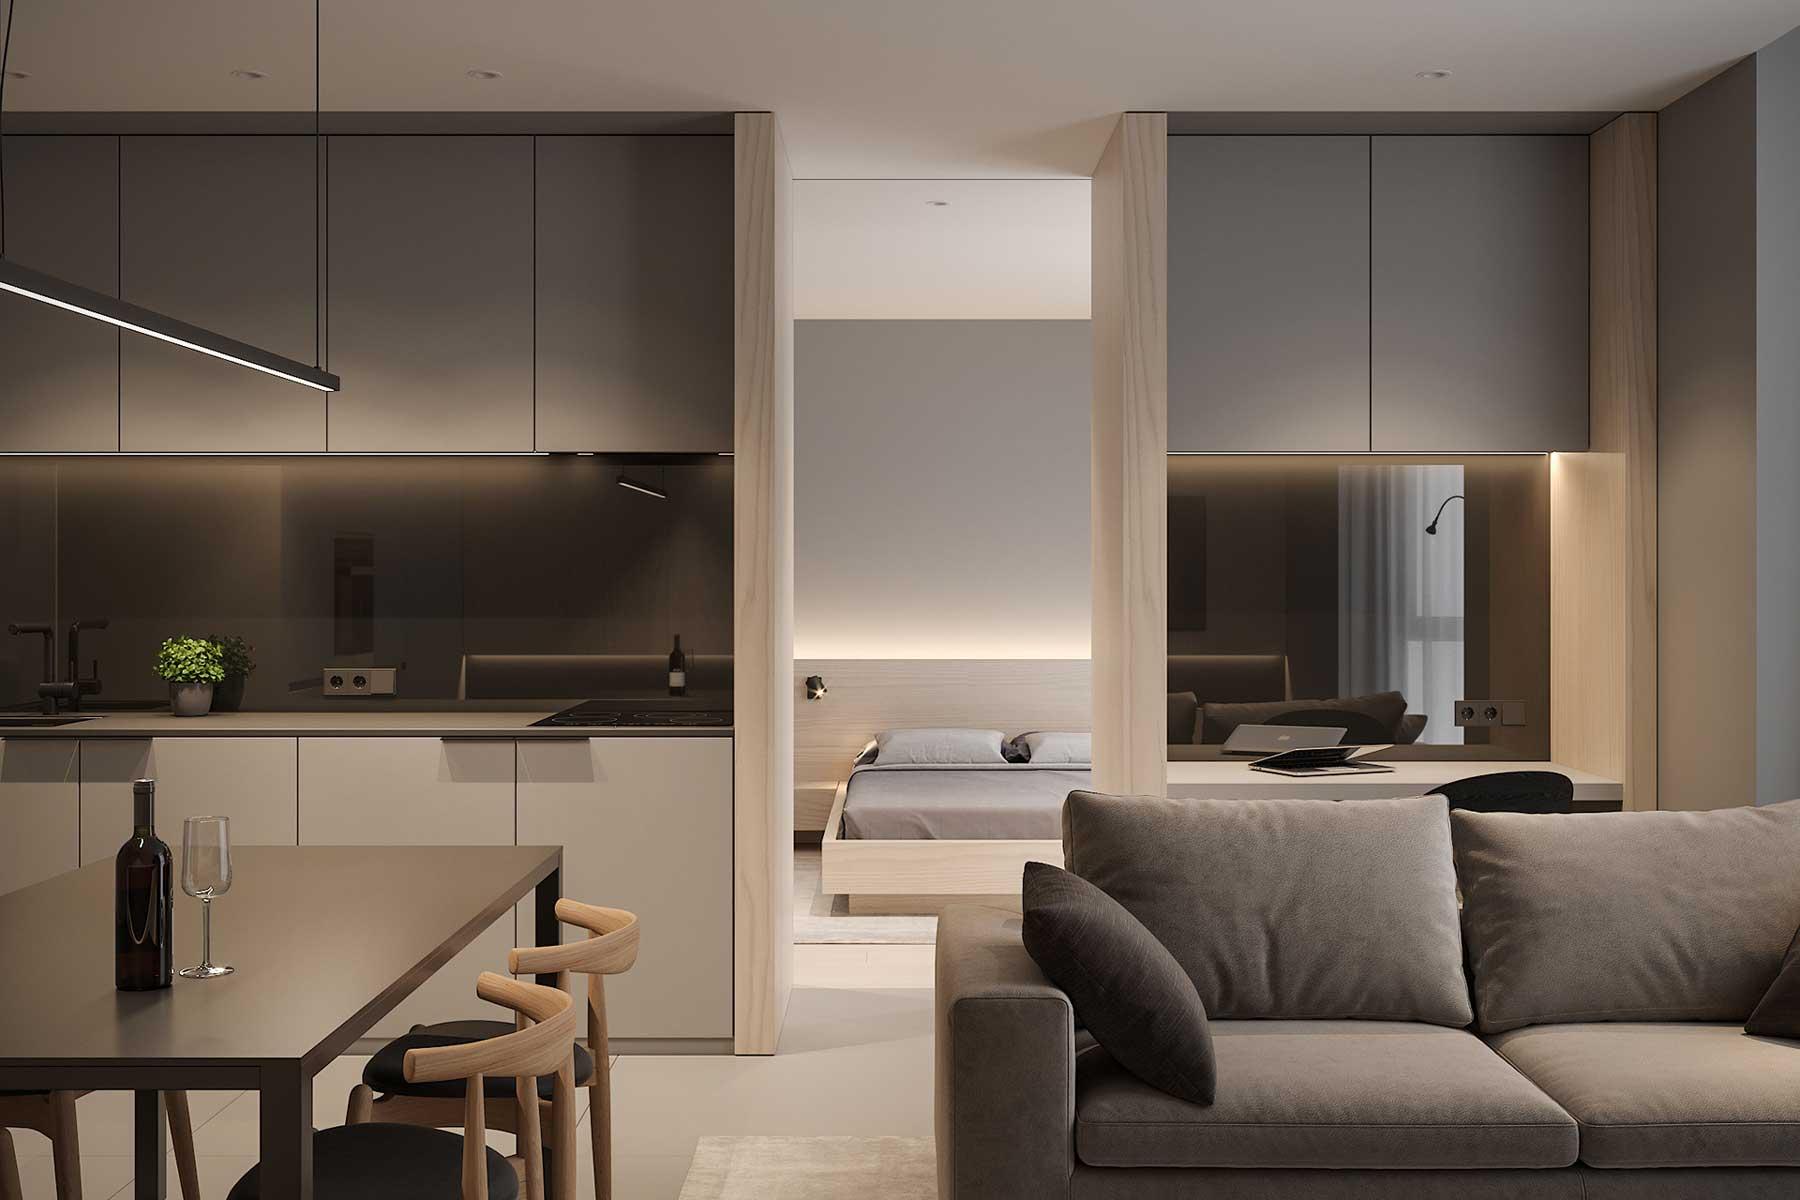 Un studio fonctionnel où un coin bureau sert de séparateur entre la salle de séjour et la chambre